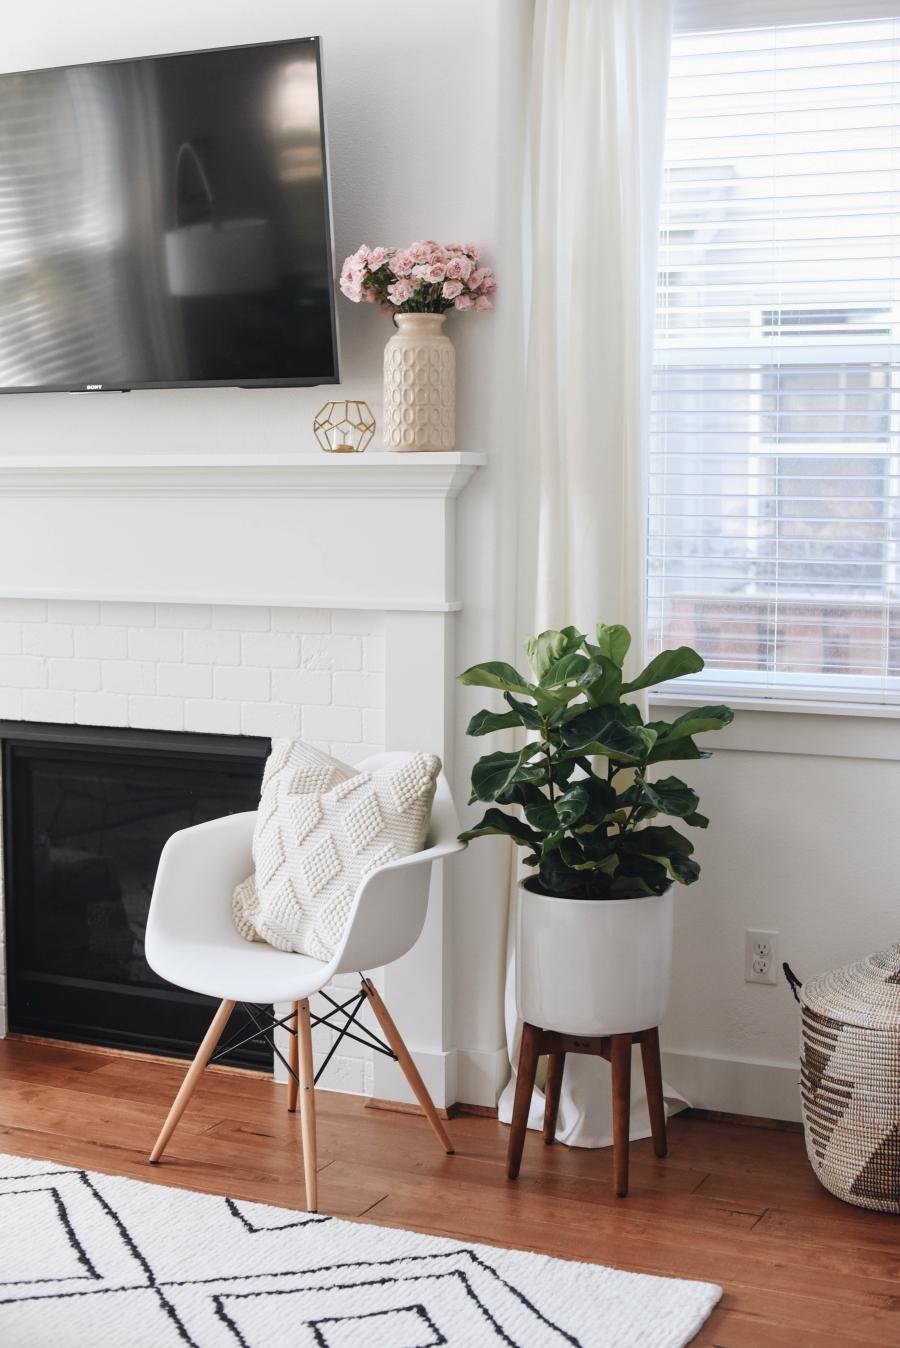 Proste i przytulne wnętrze w bieli, wystrój wnętrz, wnętrza, urządzanie domu, dekoracje wnętrz, aranżacja wnętrz, inspiracje wnętrz,interior design , dom i wnętrze, aranżacja mieszkania, modne wnętrza, białe wnętrza, wnętrza w bieli, styl skandynawski, minimalizm, naturalne dodatki, jasne wnętrza, salon